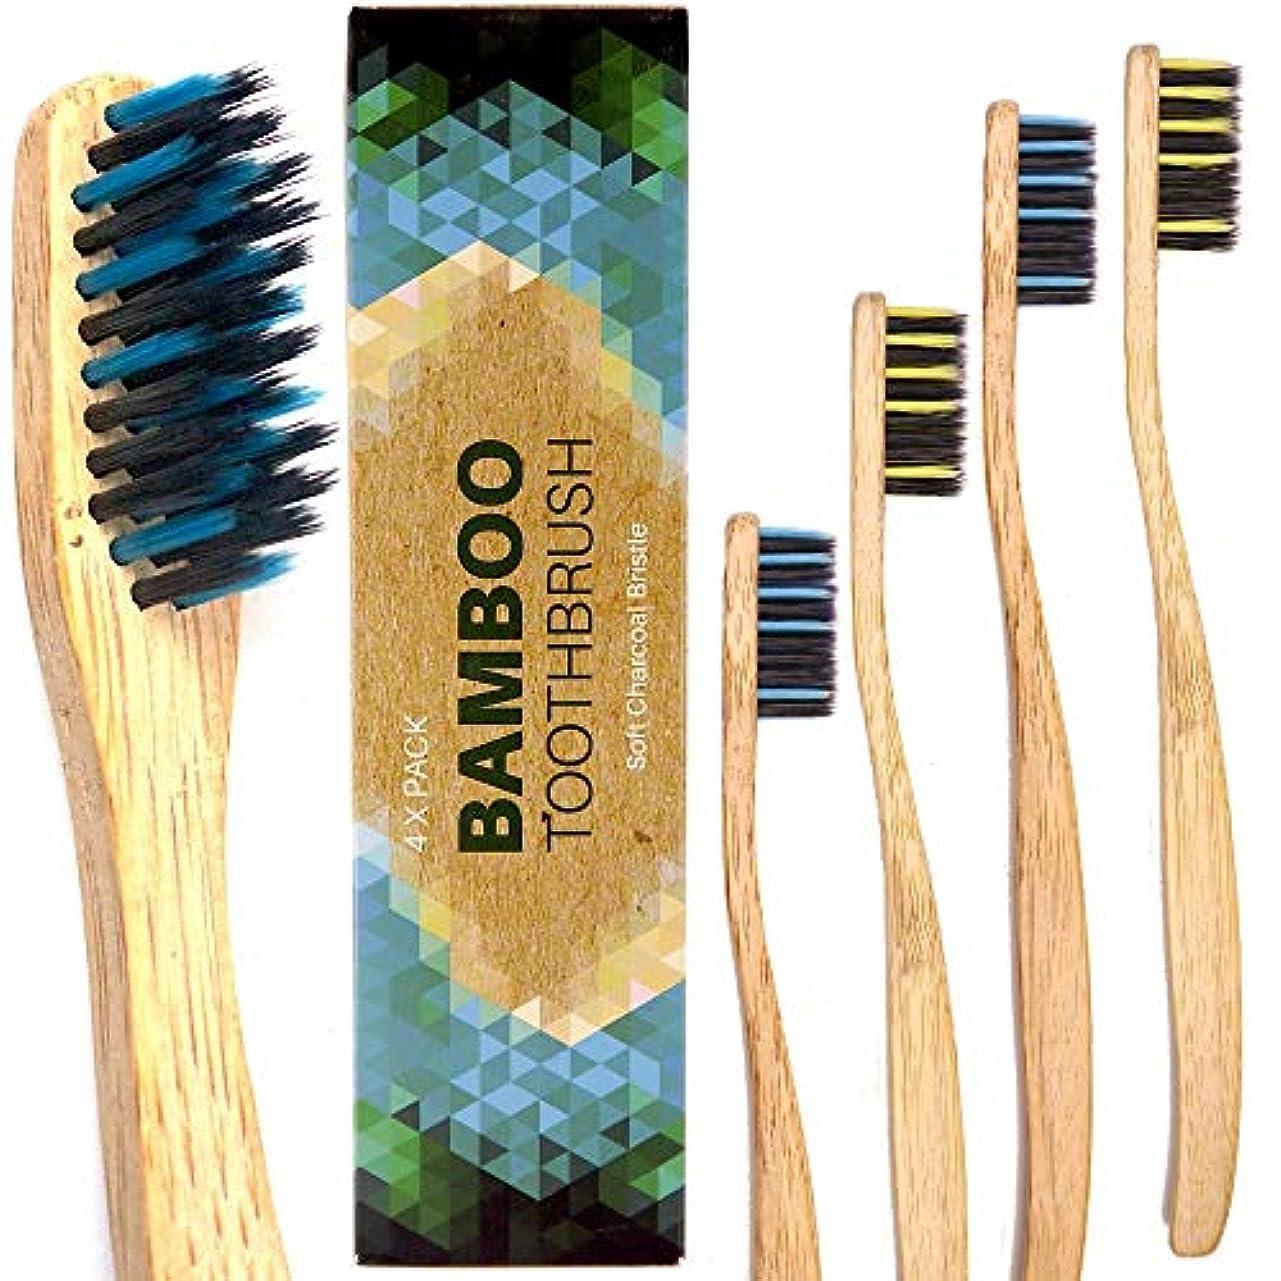 盆地ジェム本質的ではない竹製歯ブラシ。チャコールブリストル大人 - ミディアム及びソフト、生分解性、ビーガン、バイオ、エコ、持続可能な木製ハンドル4本パック4 Bamboo Toothbrushes, ホワイトニング 歯, ドイツの品質, 竹歯ブラシ